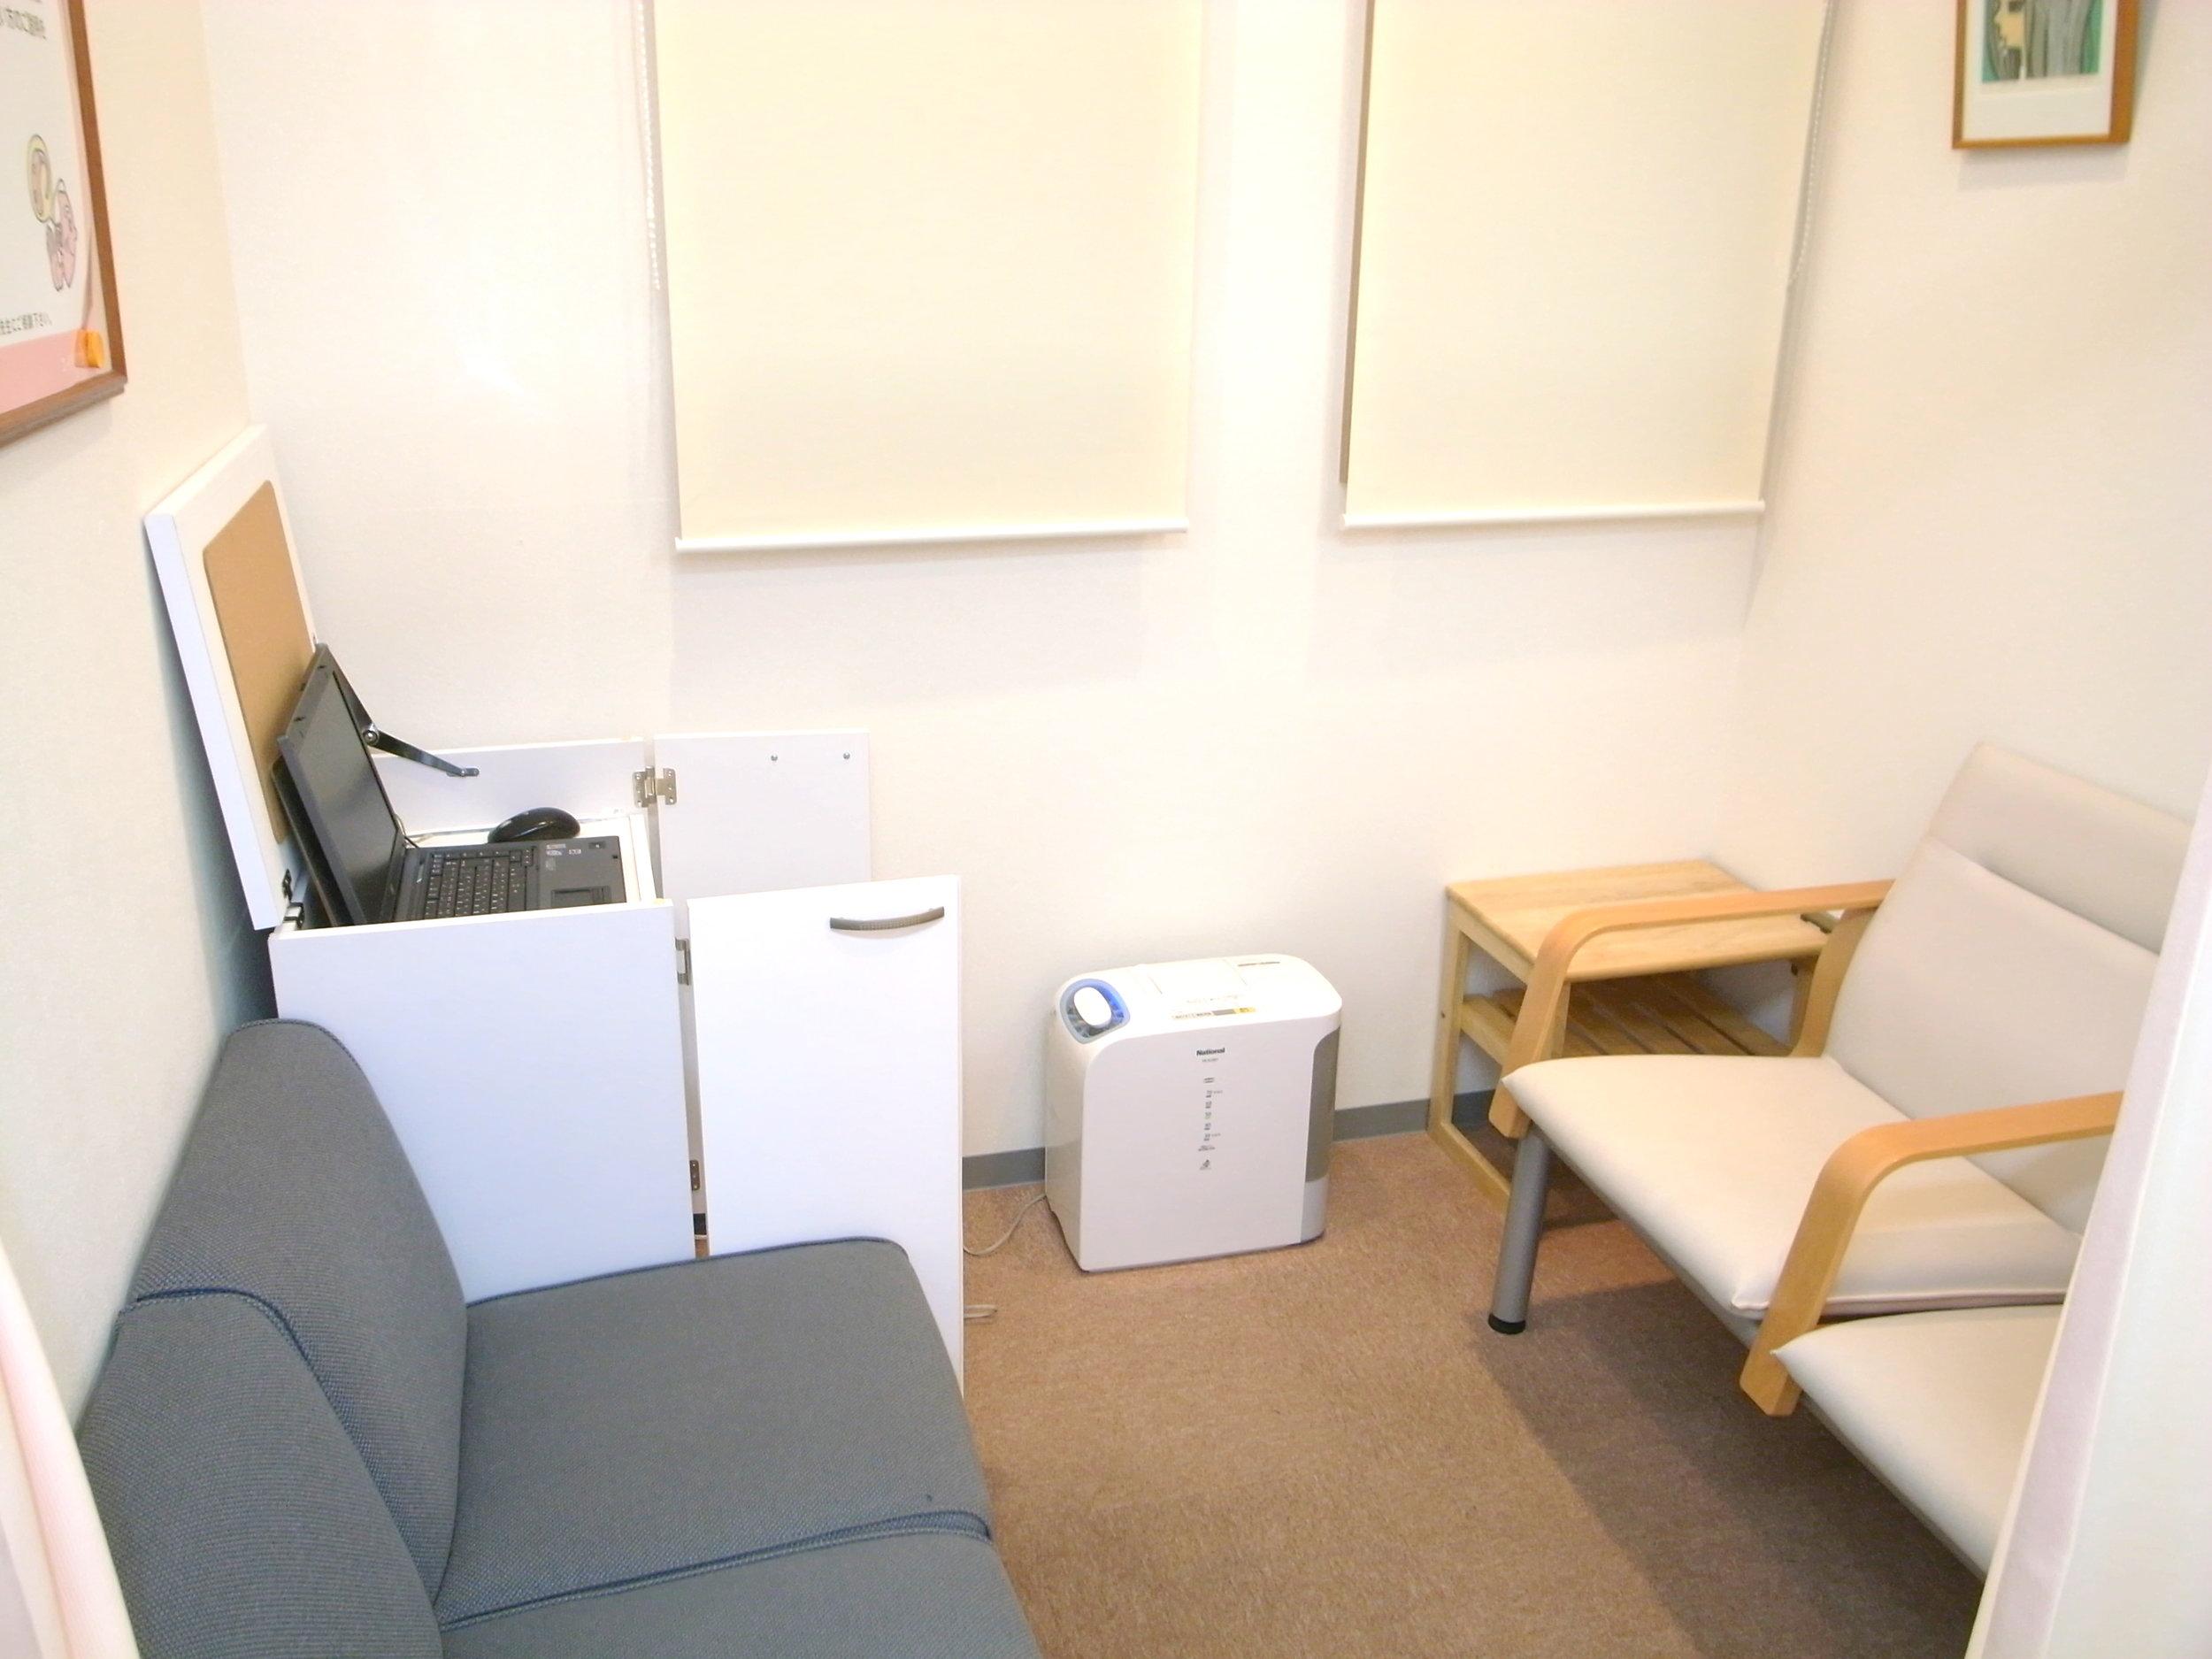 耳鳴り治療・補聴器相談室   カーテンで待合室と仕切られた空間で 補聴器の調整・相談を実施